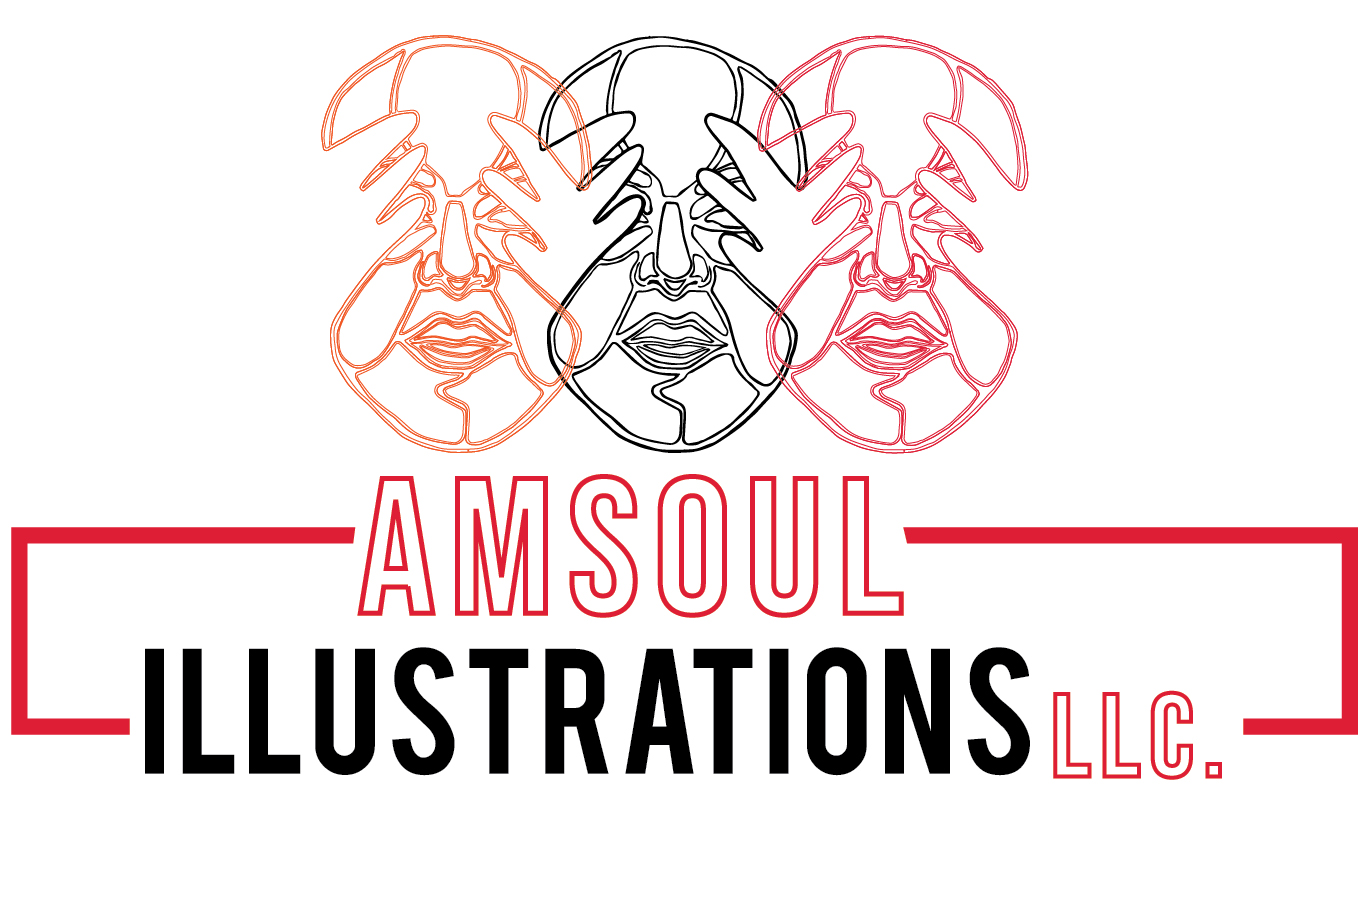 AmSouL Illustrations LLC